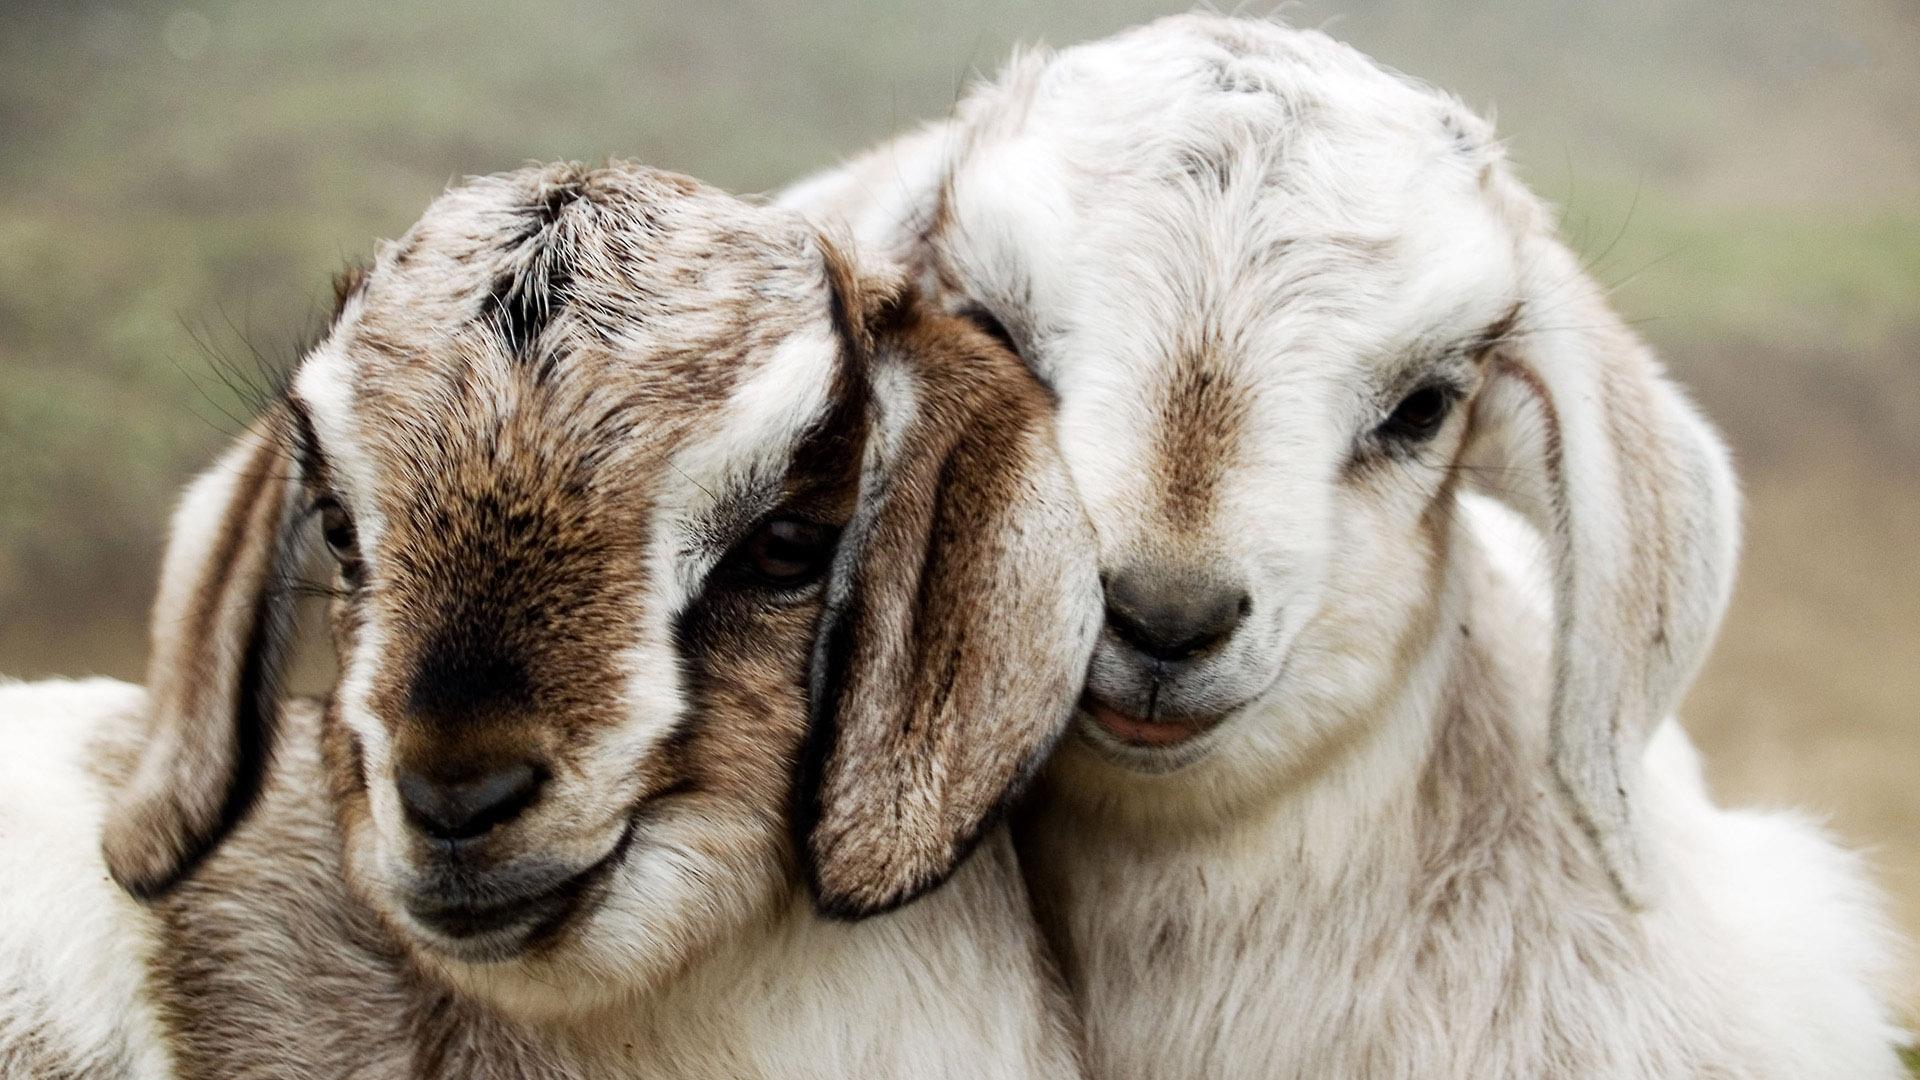 cute goats wallpaper 17114